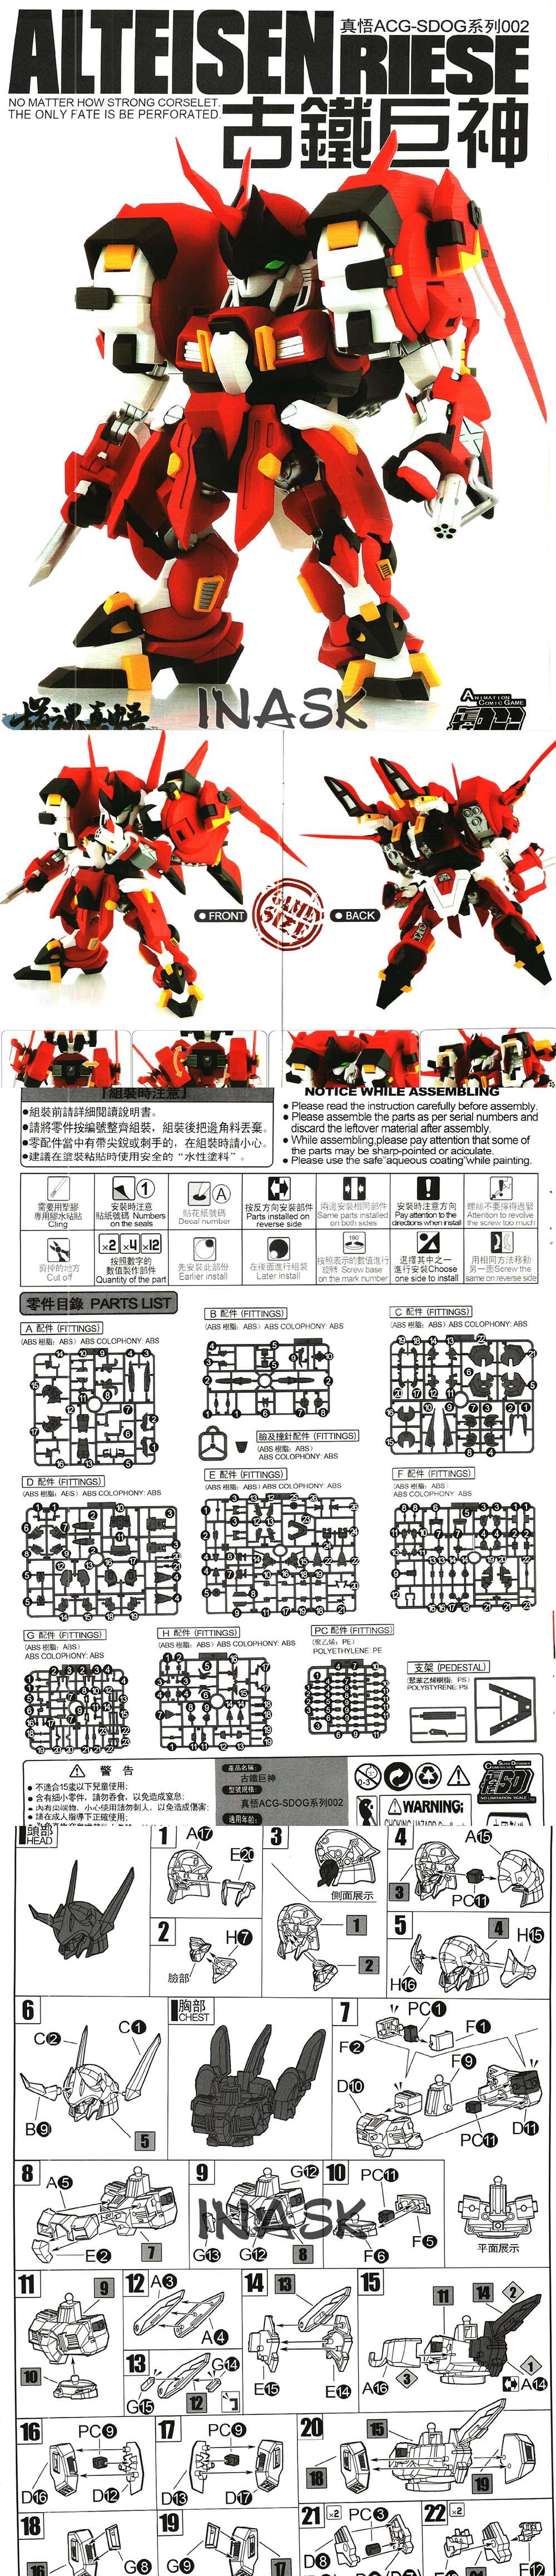 d18-info-01.jpg